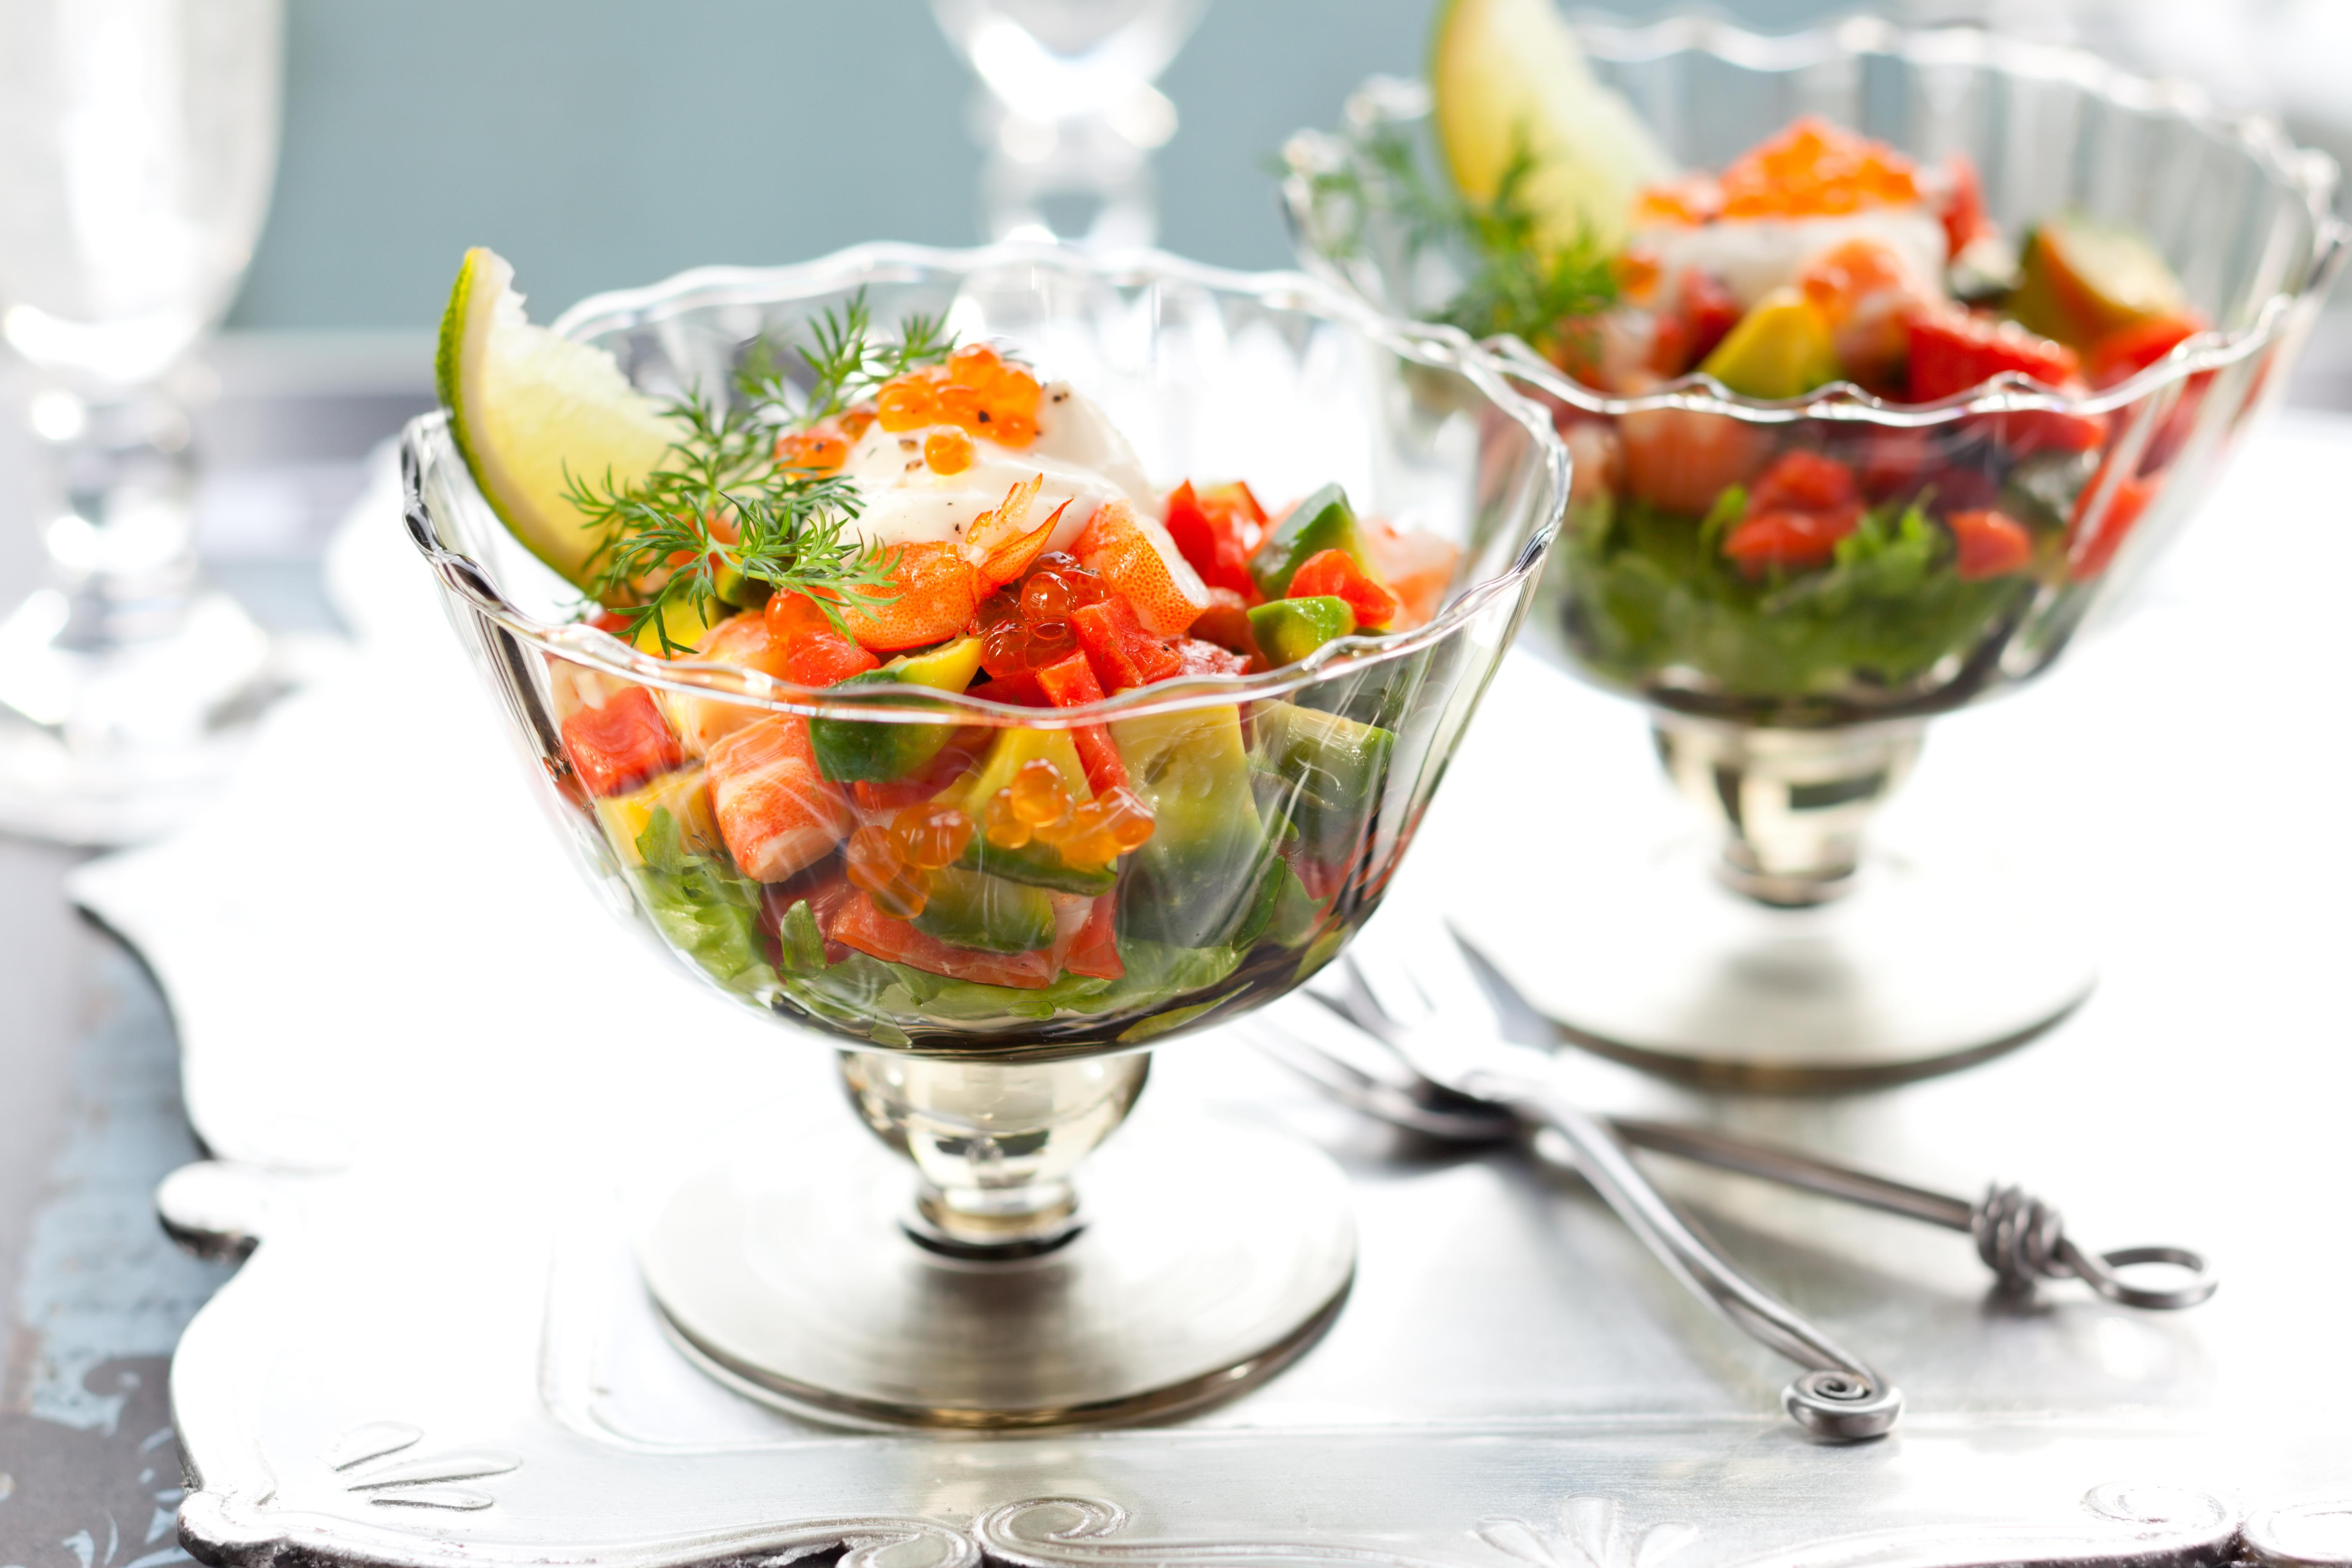 shutterstock_98020370 mat recept matrecept nyår förrätt skaldjur avokado veckans recept förrätt.jpg